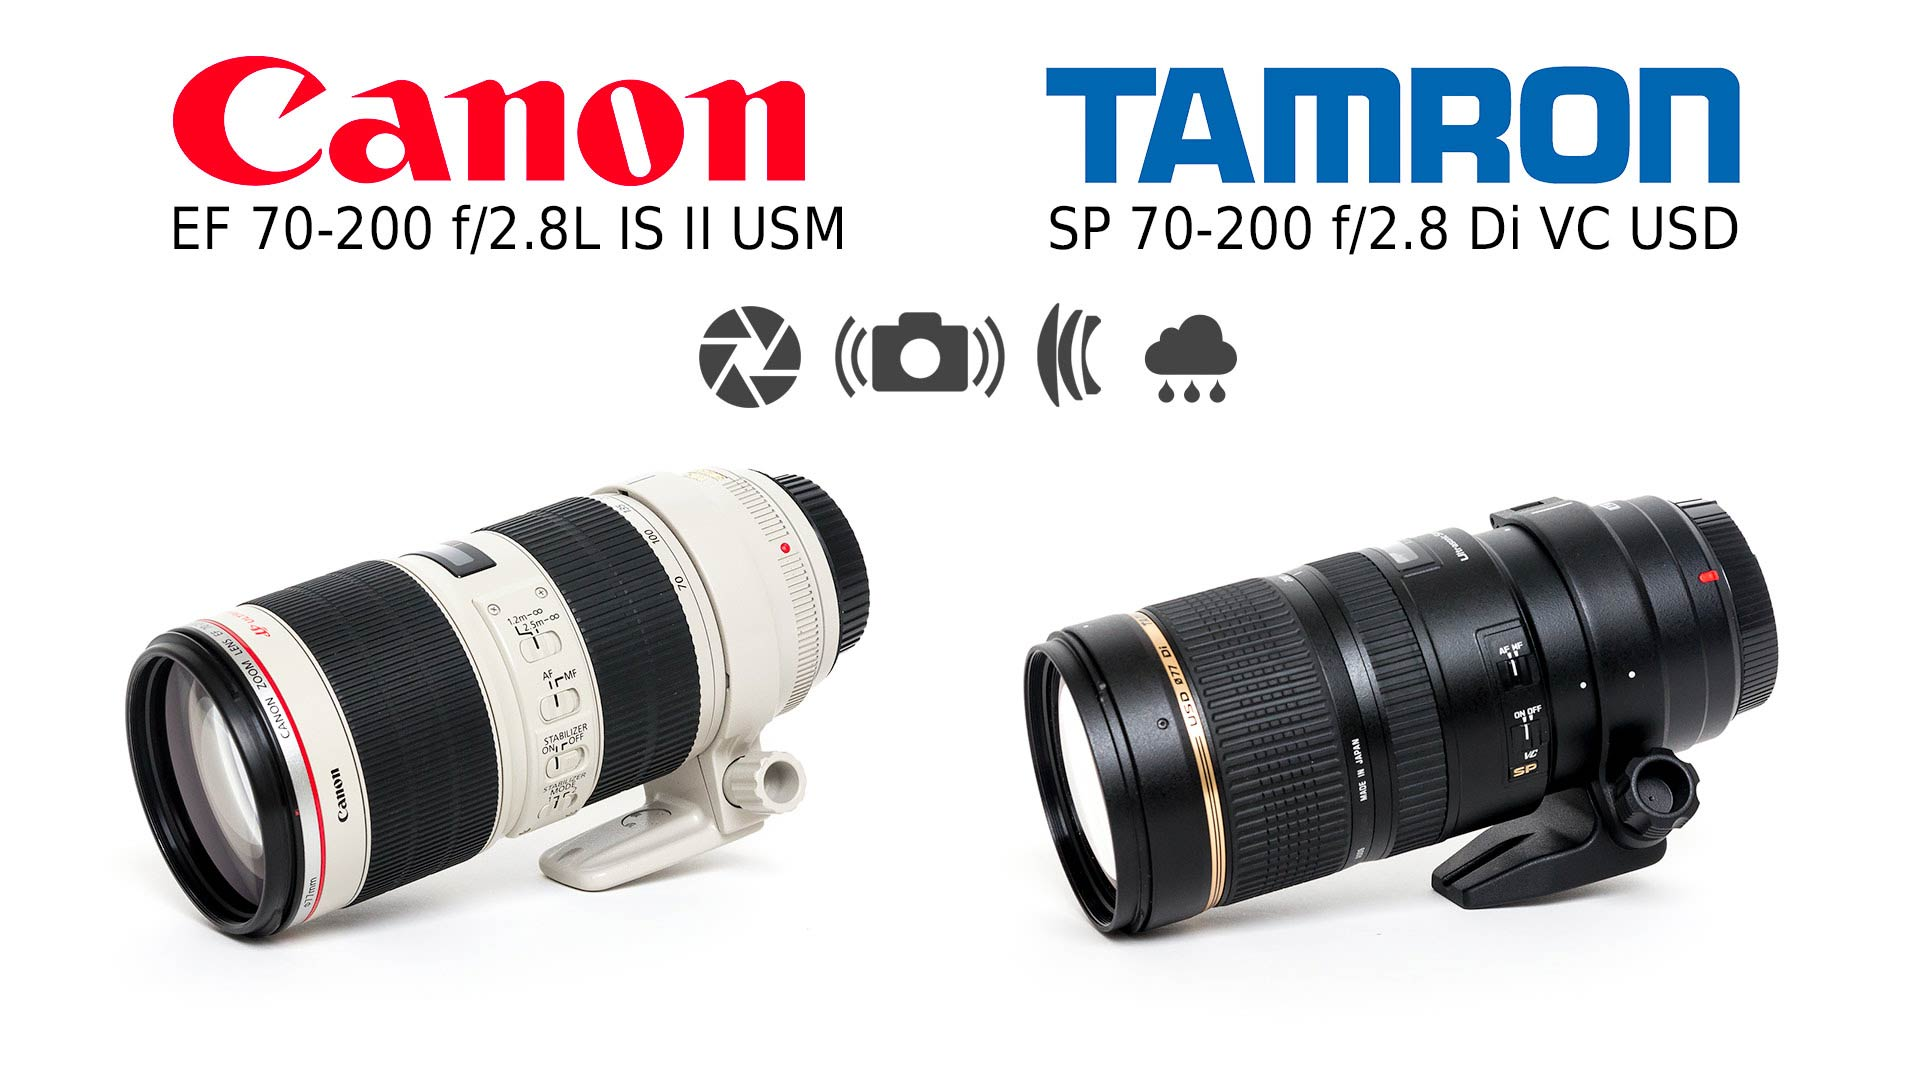 Lens Comparison: Tamron SP 70-200 f/2.8 Di VC USD vs Canon EF 70-200 ...